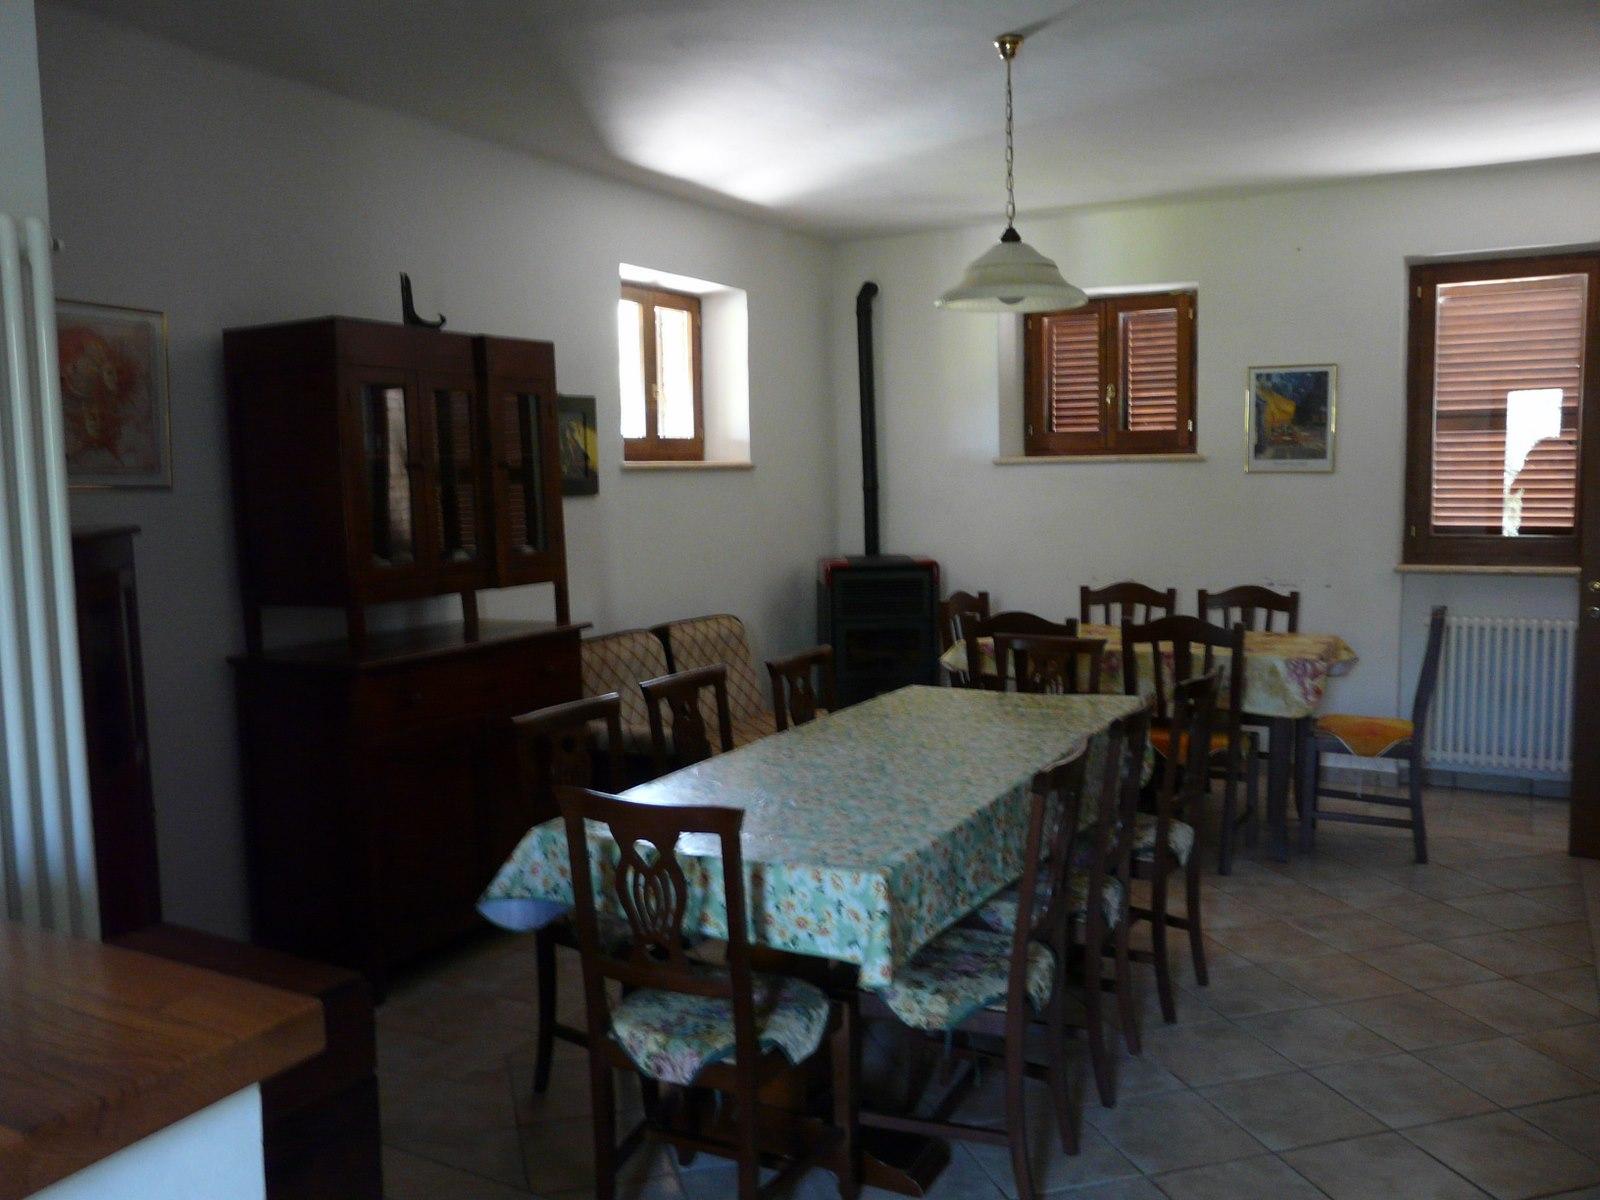 Ferienhaus La Priora (870401), Montedinove, Ascoli Piceno, Marken, Italien, Bild 10